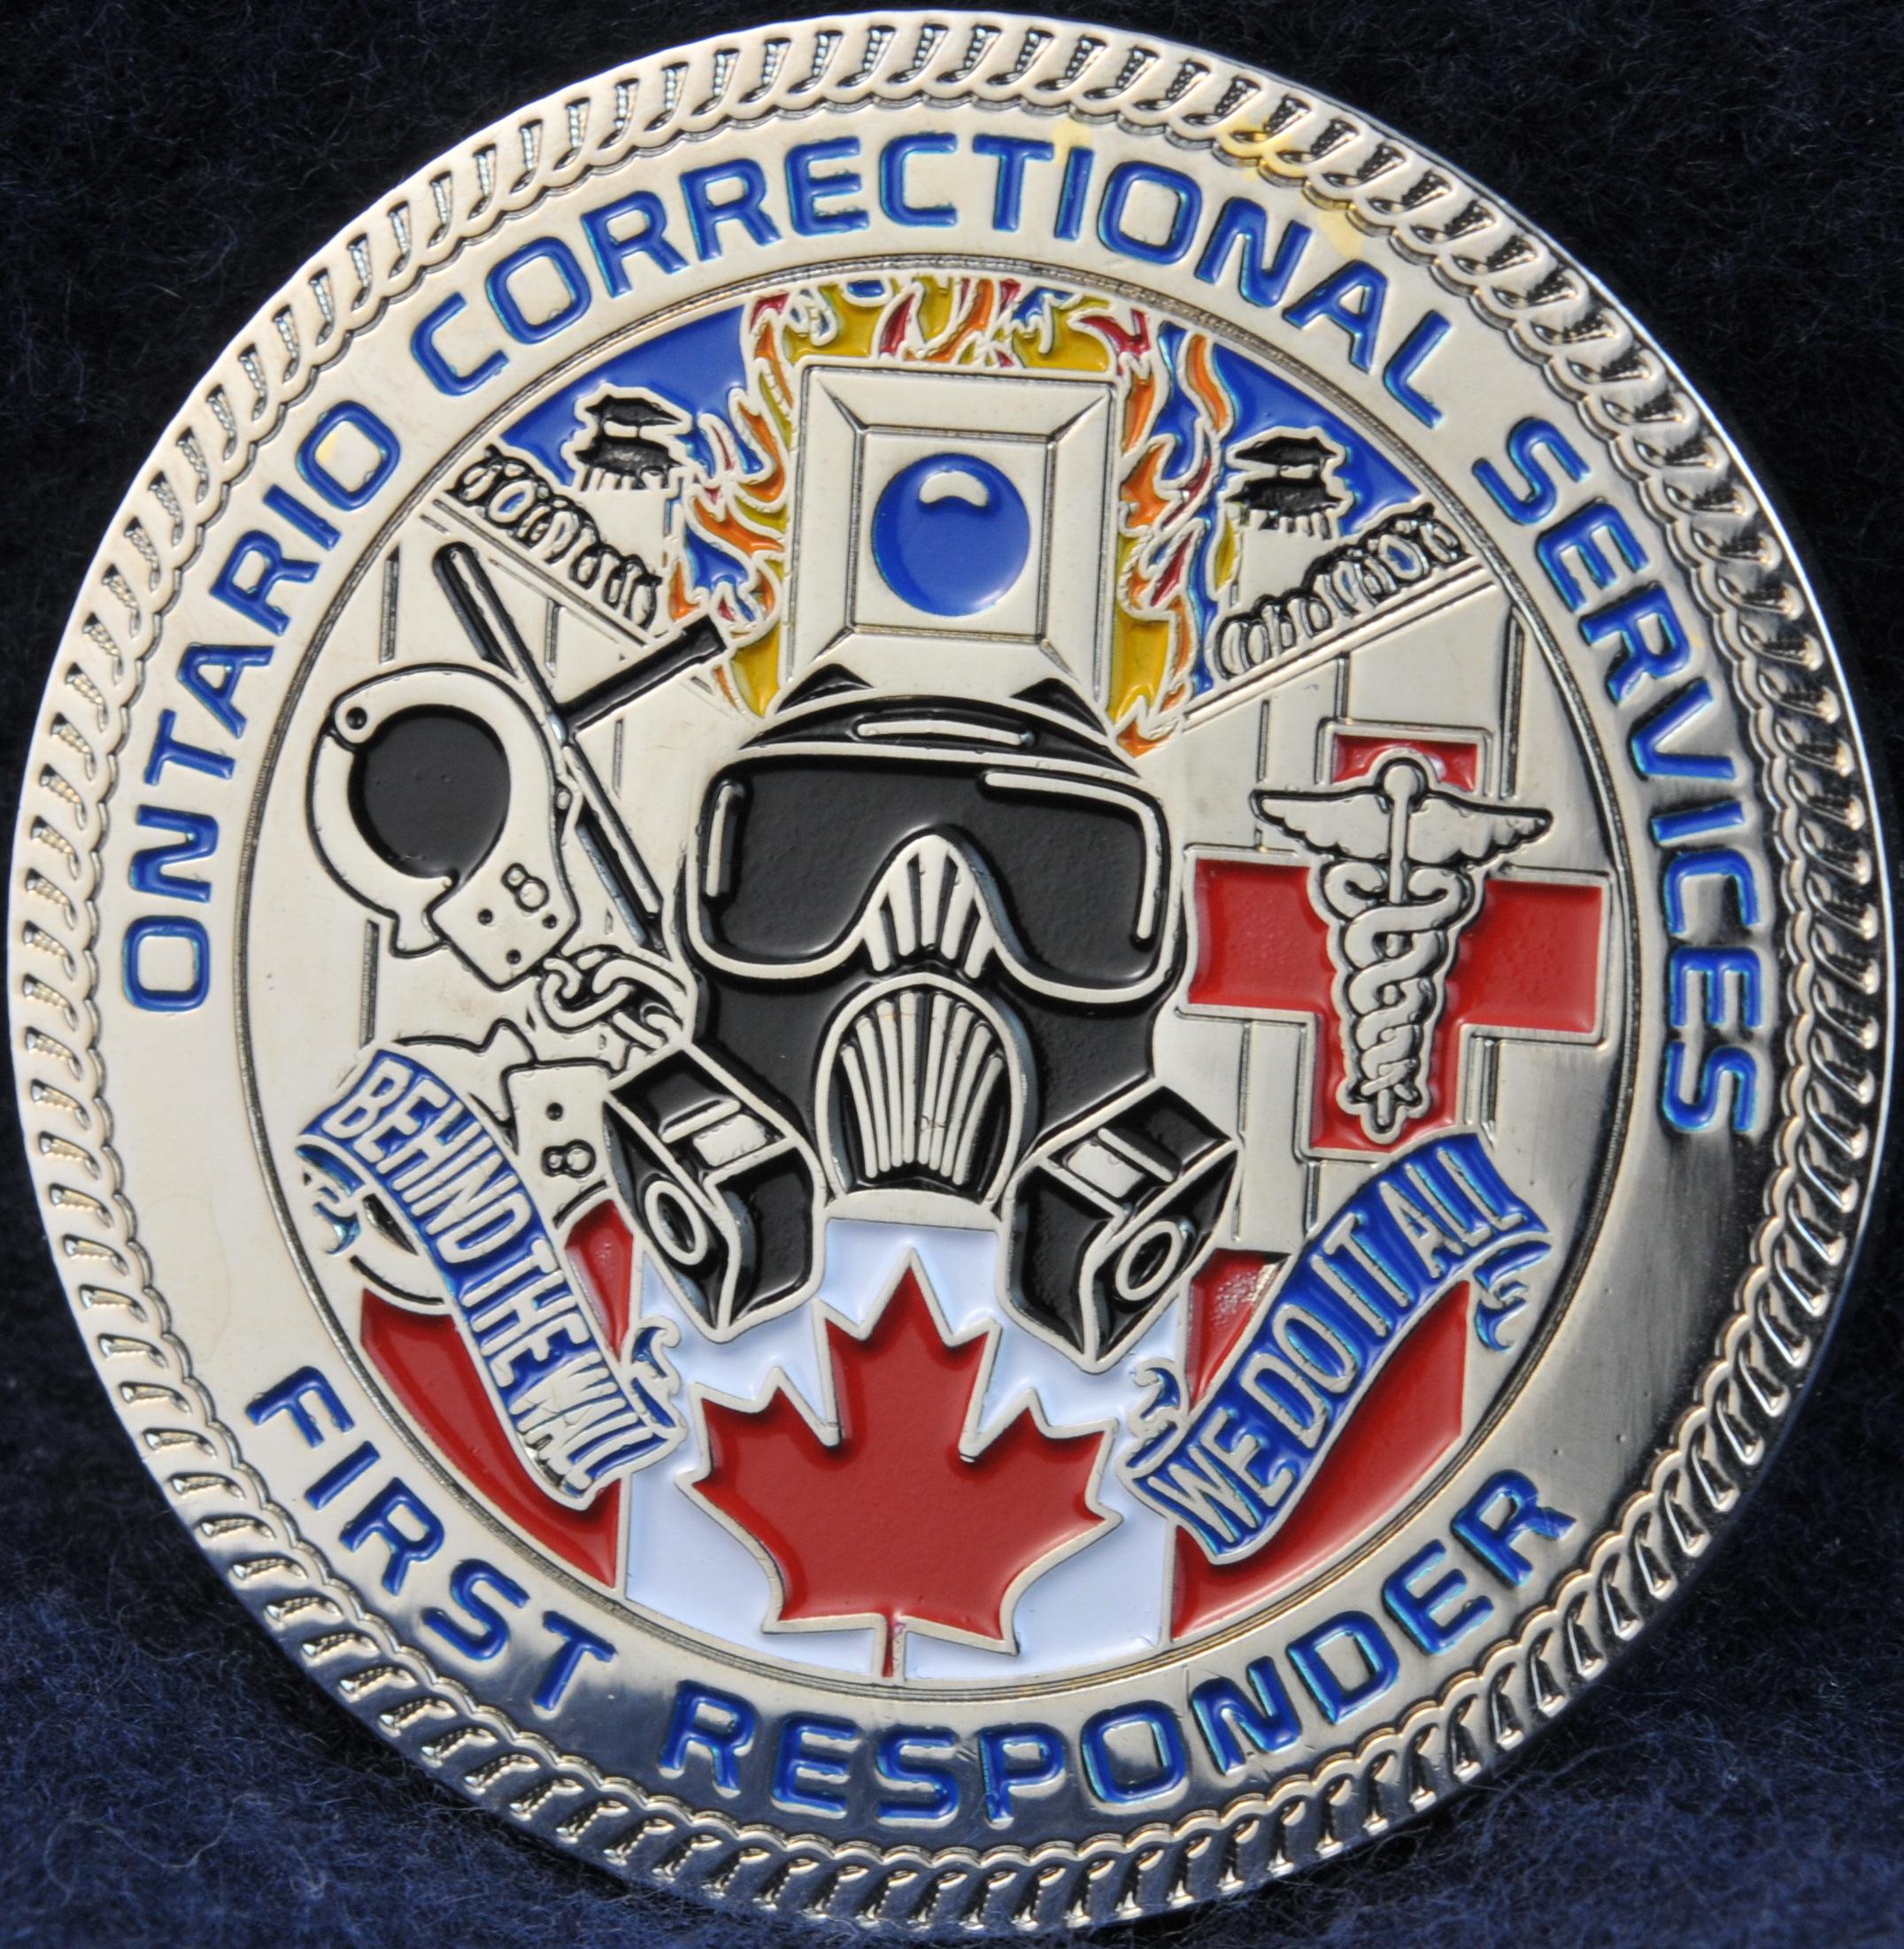 Executive Protection 2017